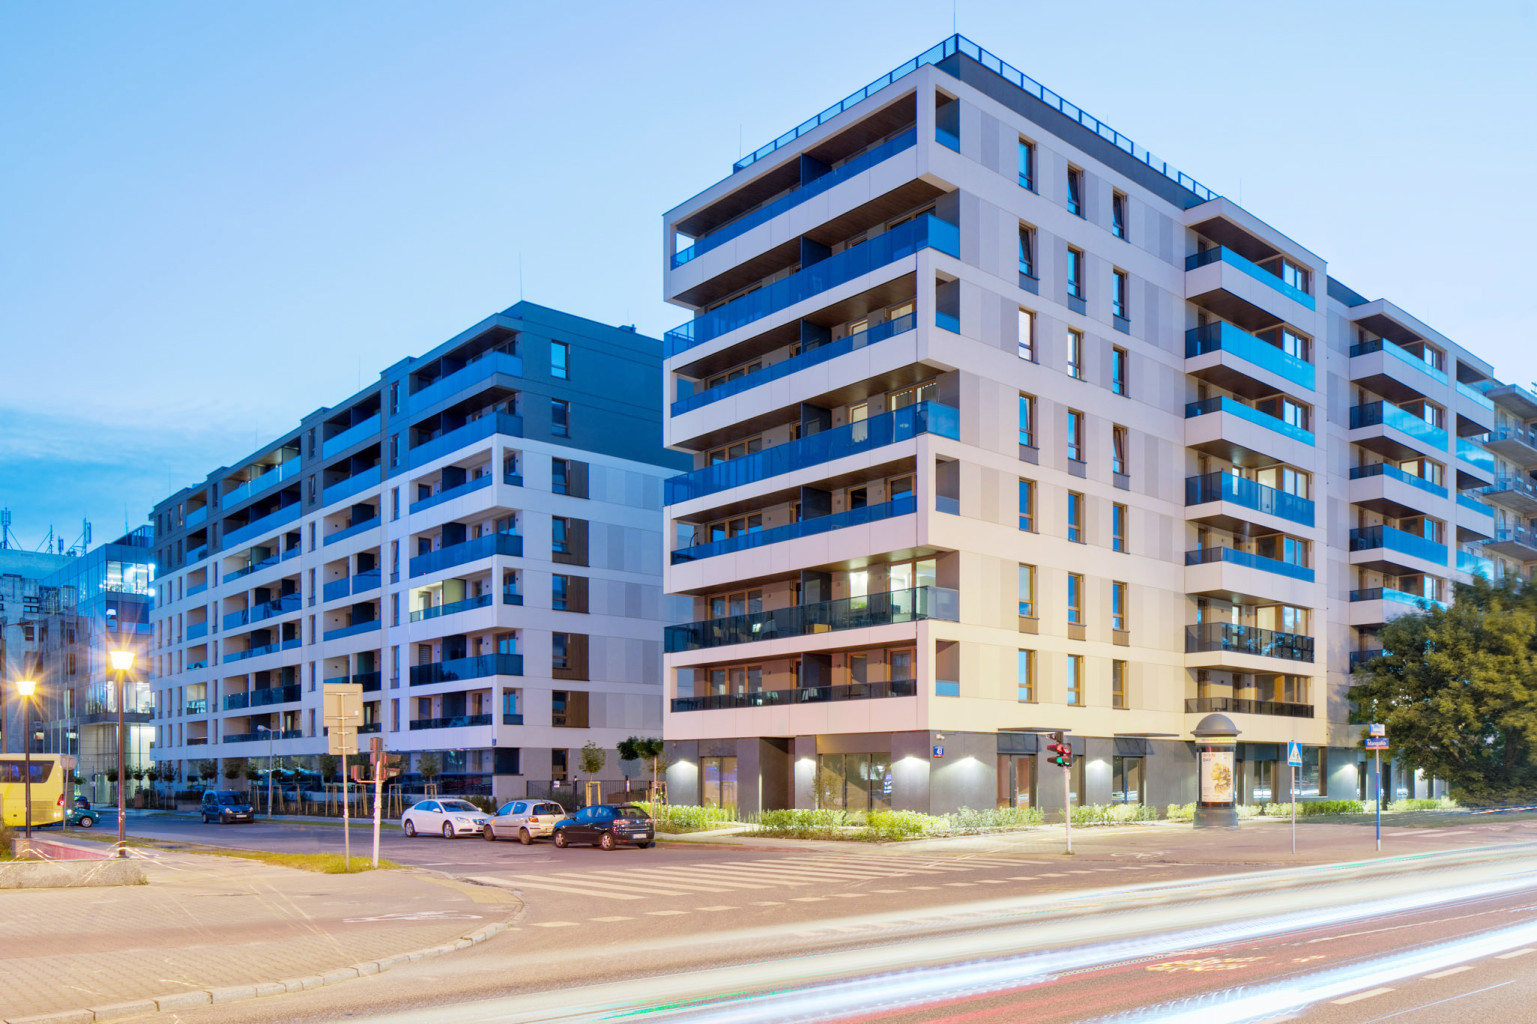 projektowanie osiedli mieszkaniowych BIM